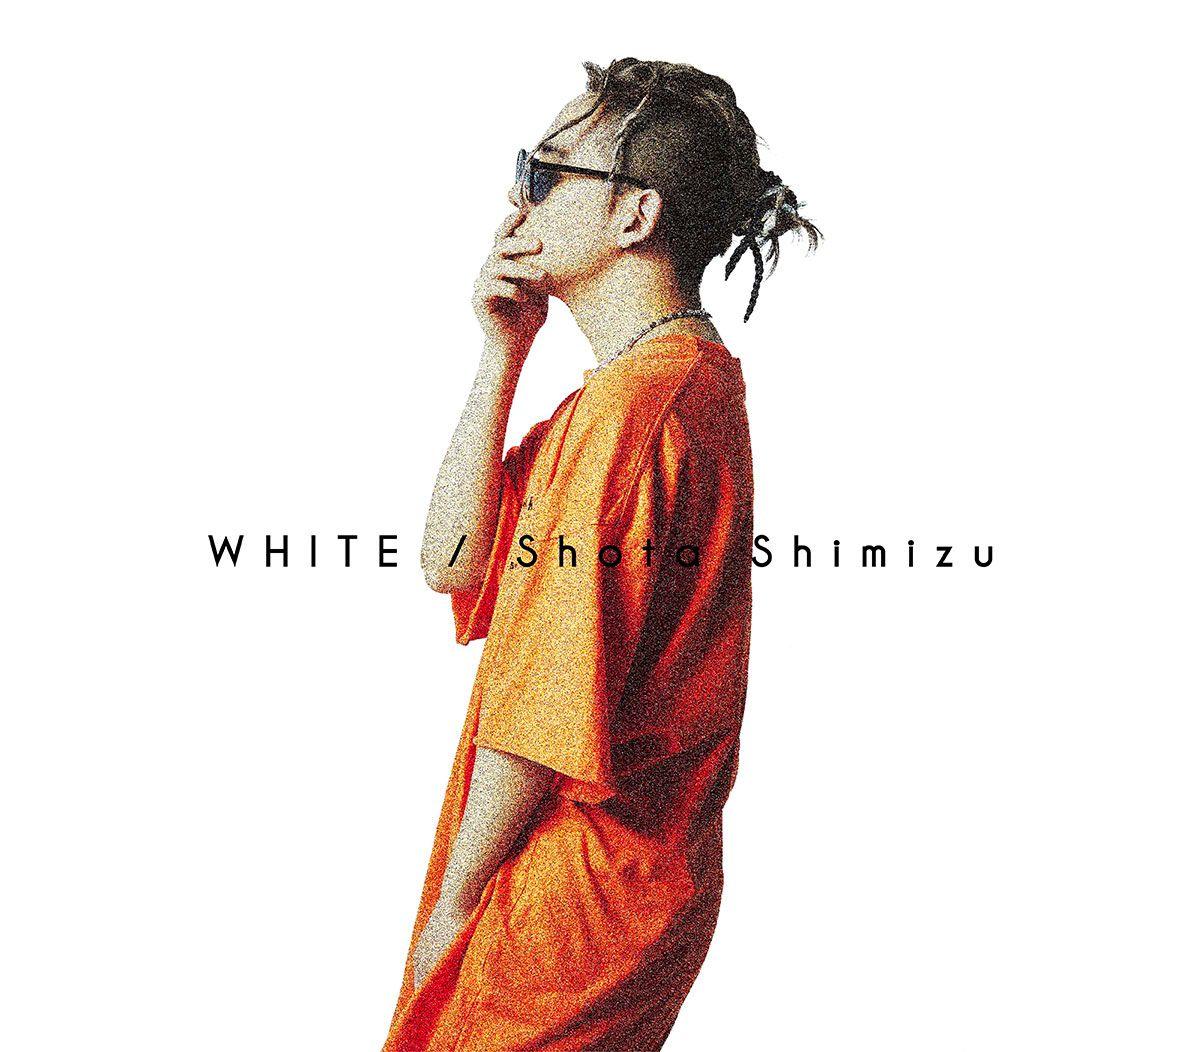 【予約】WHITE (初回限定盤 CD+DVD)